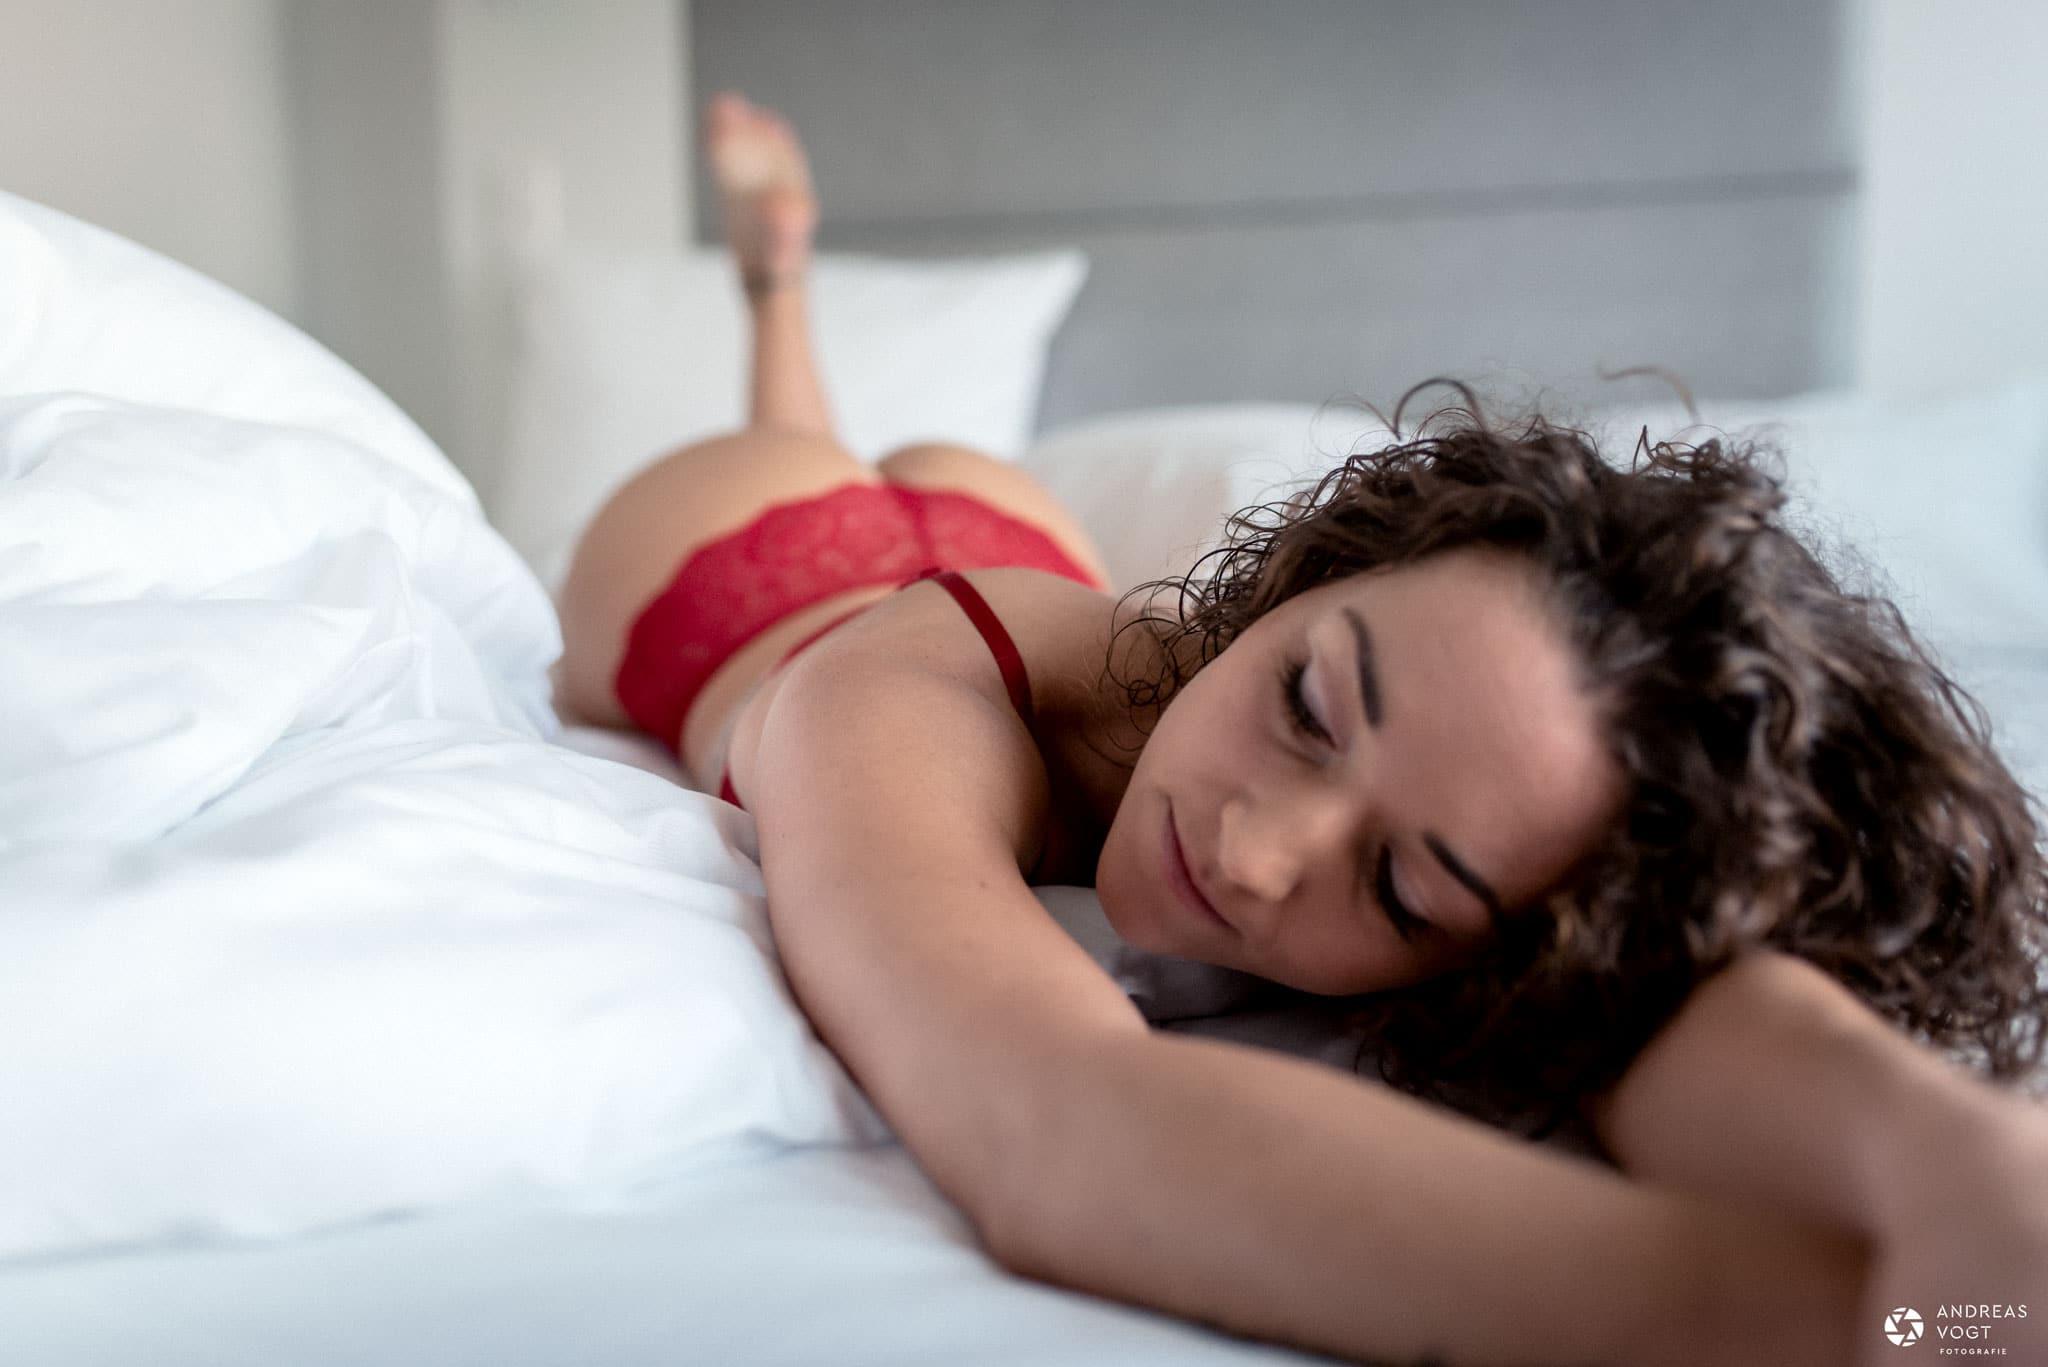 boudoirfotos im hotelzimmer in aalen - fotograf andreas vogt